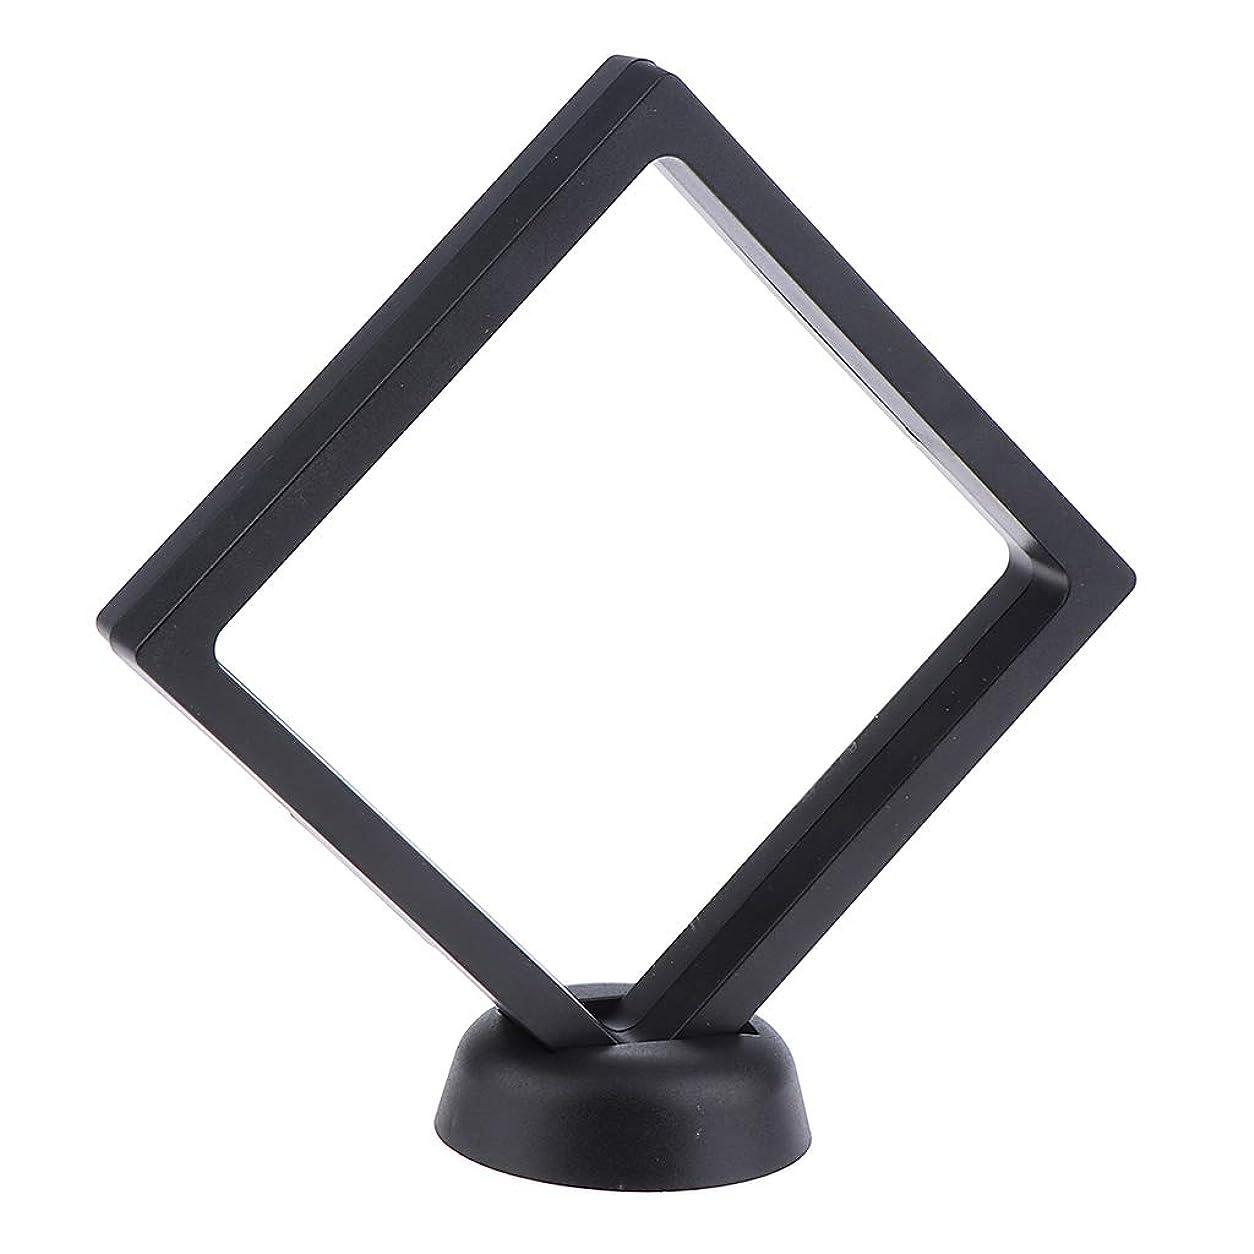 スロット一人でヒステリックB Baosity ネイルアート 展示用 ボード ネイルサロン ネイルヒント ディスプレイスタンド 2色選べ - ブラック